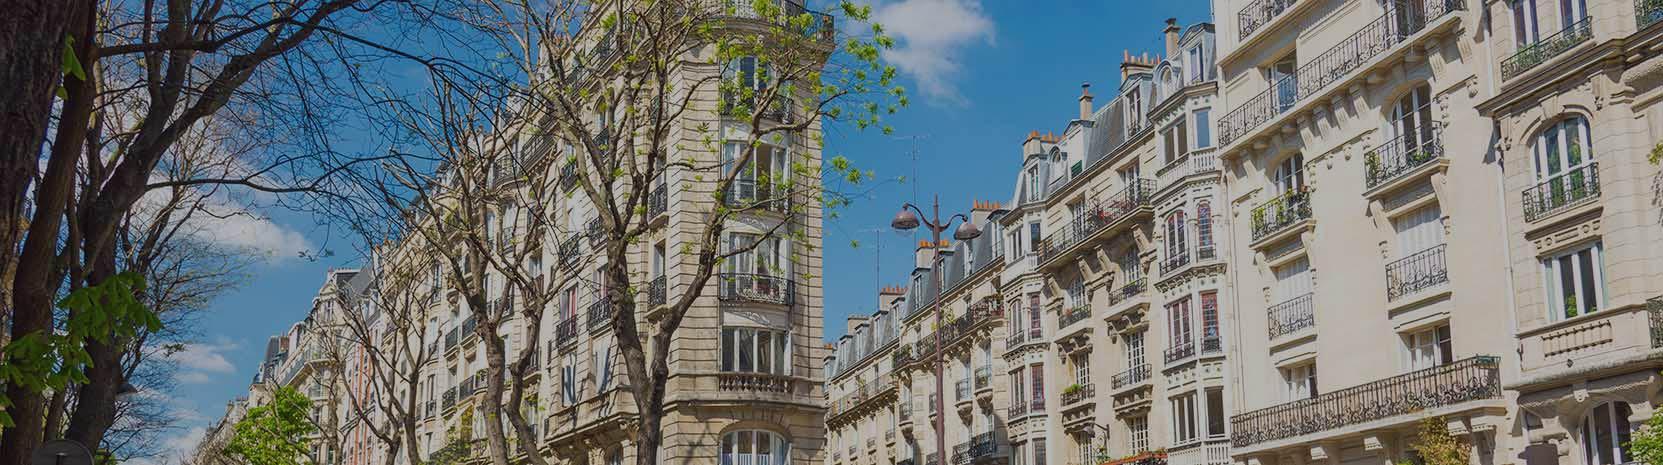 71f16e7bf498d Vivre à Paris : comment bien choisir son quartier ? – Lodgis Blog